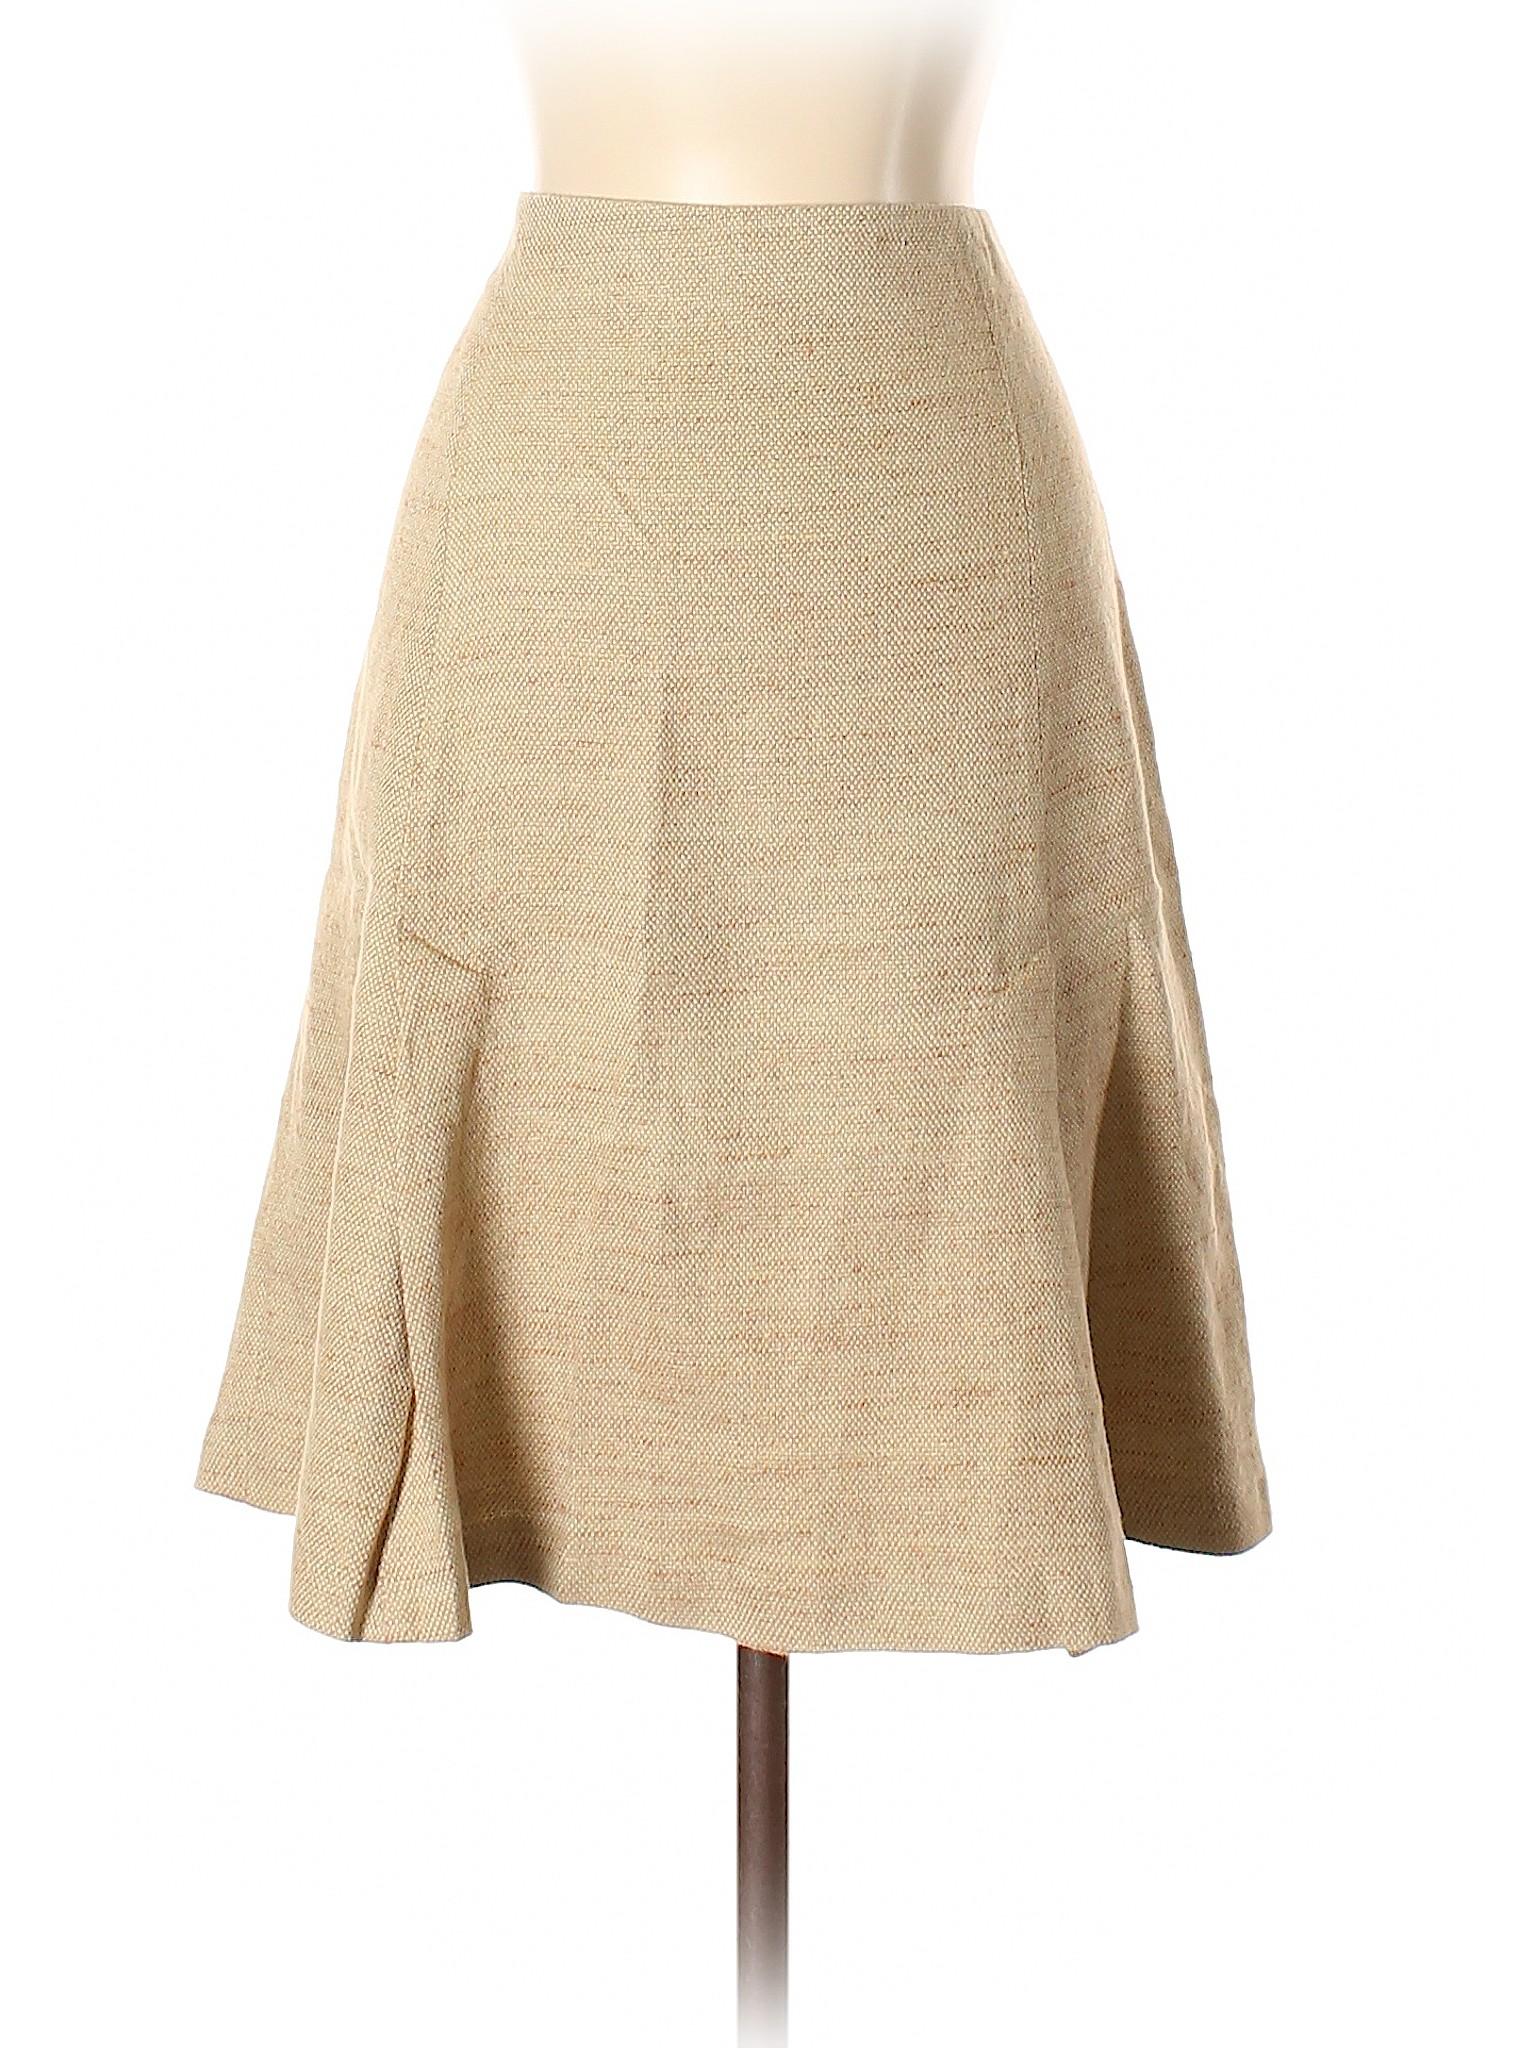 Casual Casual Casual Skirt Skirt Boutique Skirt Boutique Boutique Skirt Boutique Casual Casual Skirt Boutique qqatB